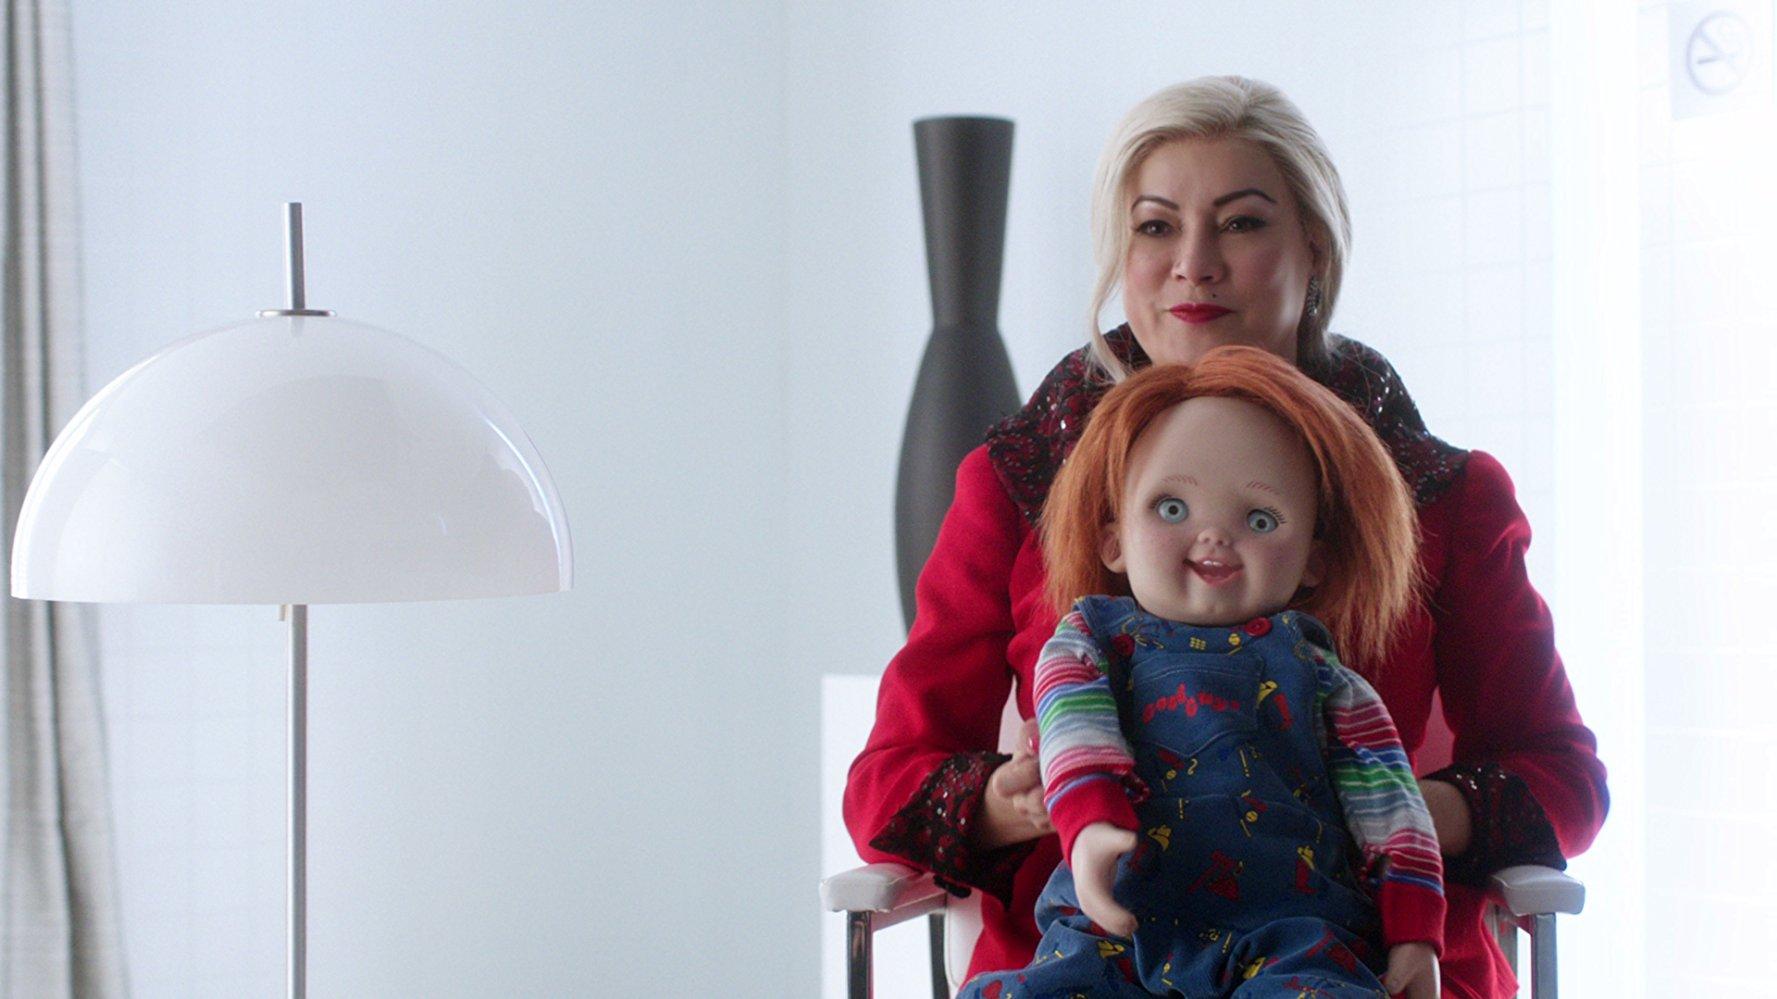 """Don Mancini: """"In arrivo una serie TV cupa e inquietante su Chucky; non è un reboot"""""""